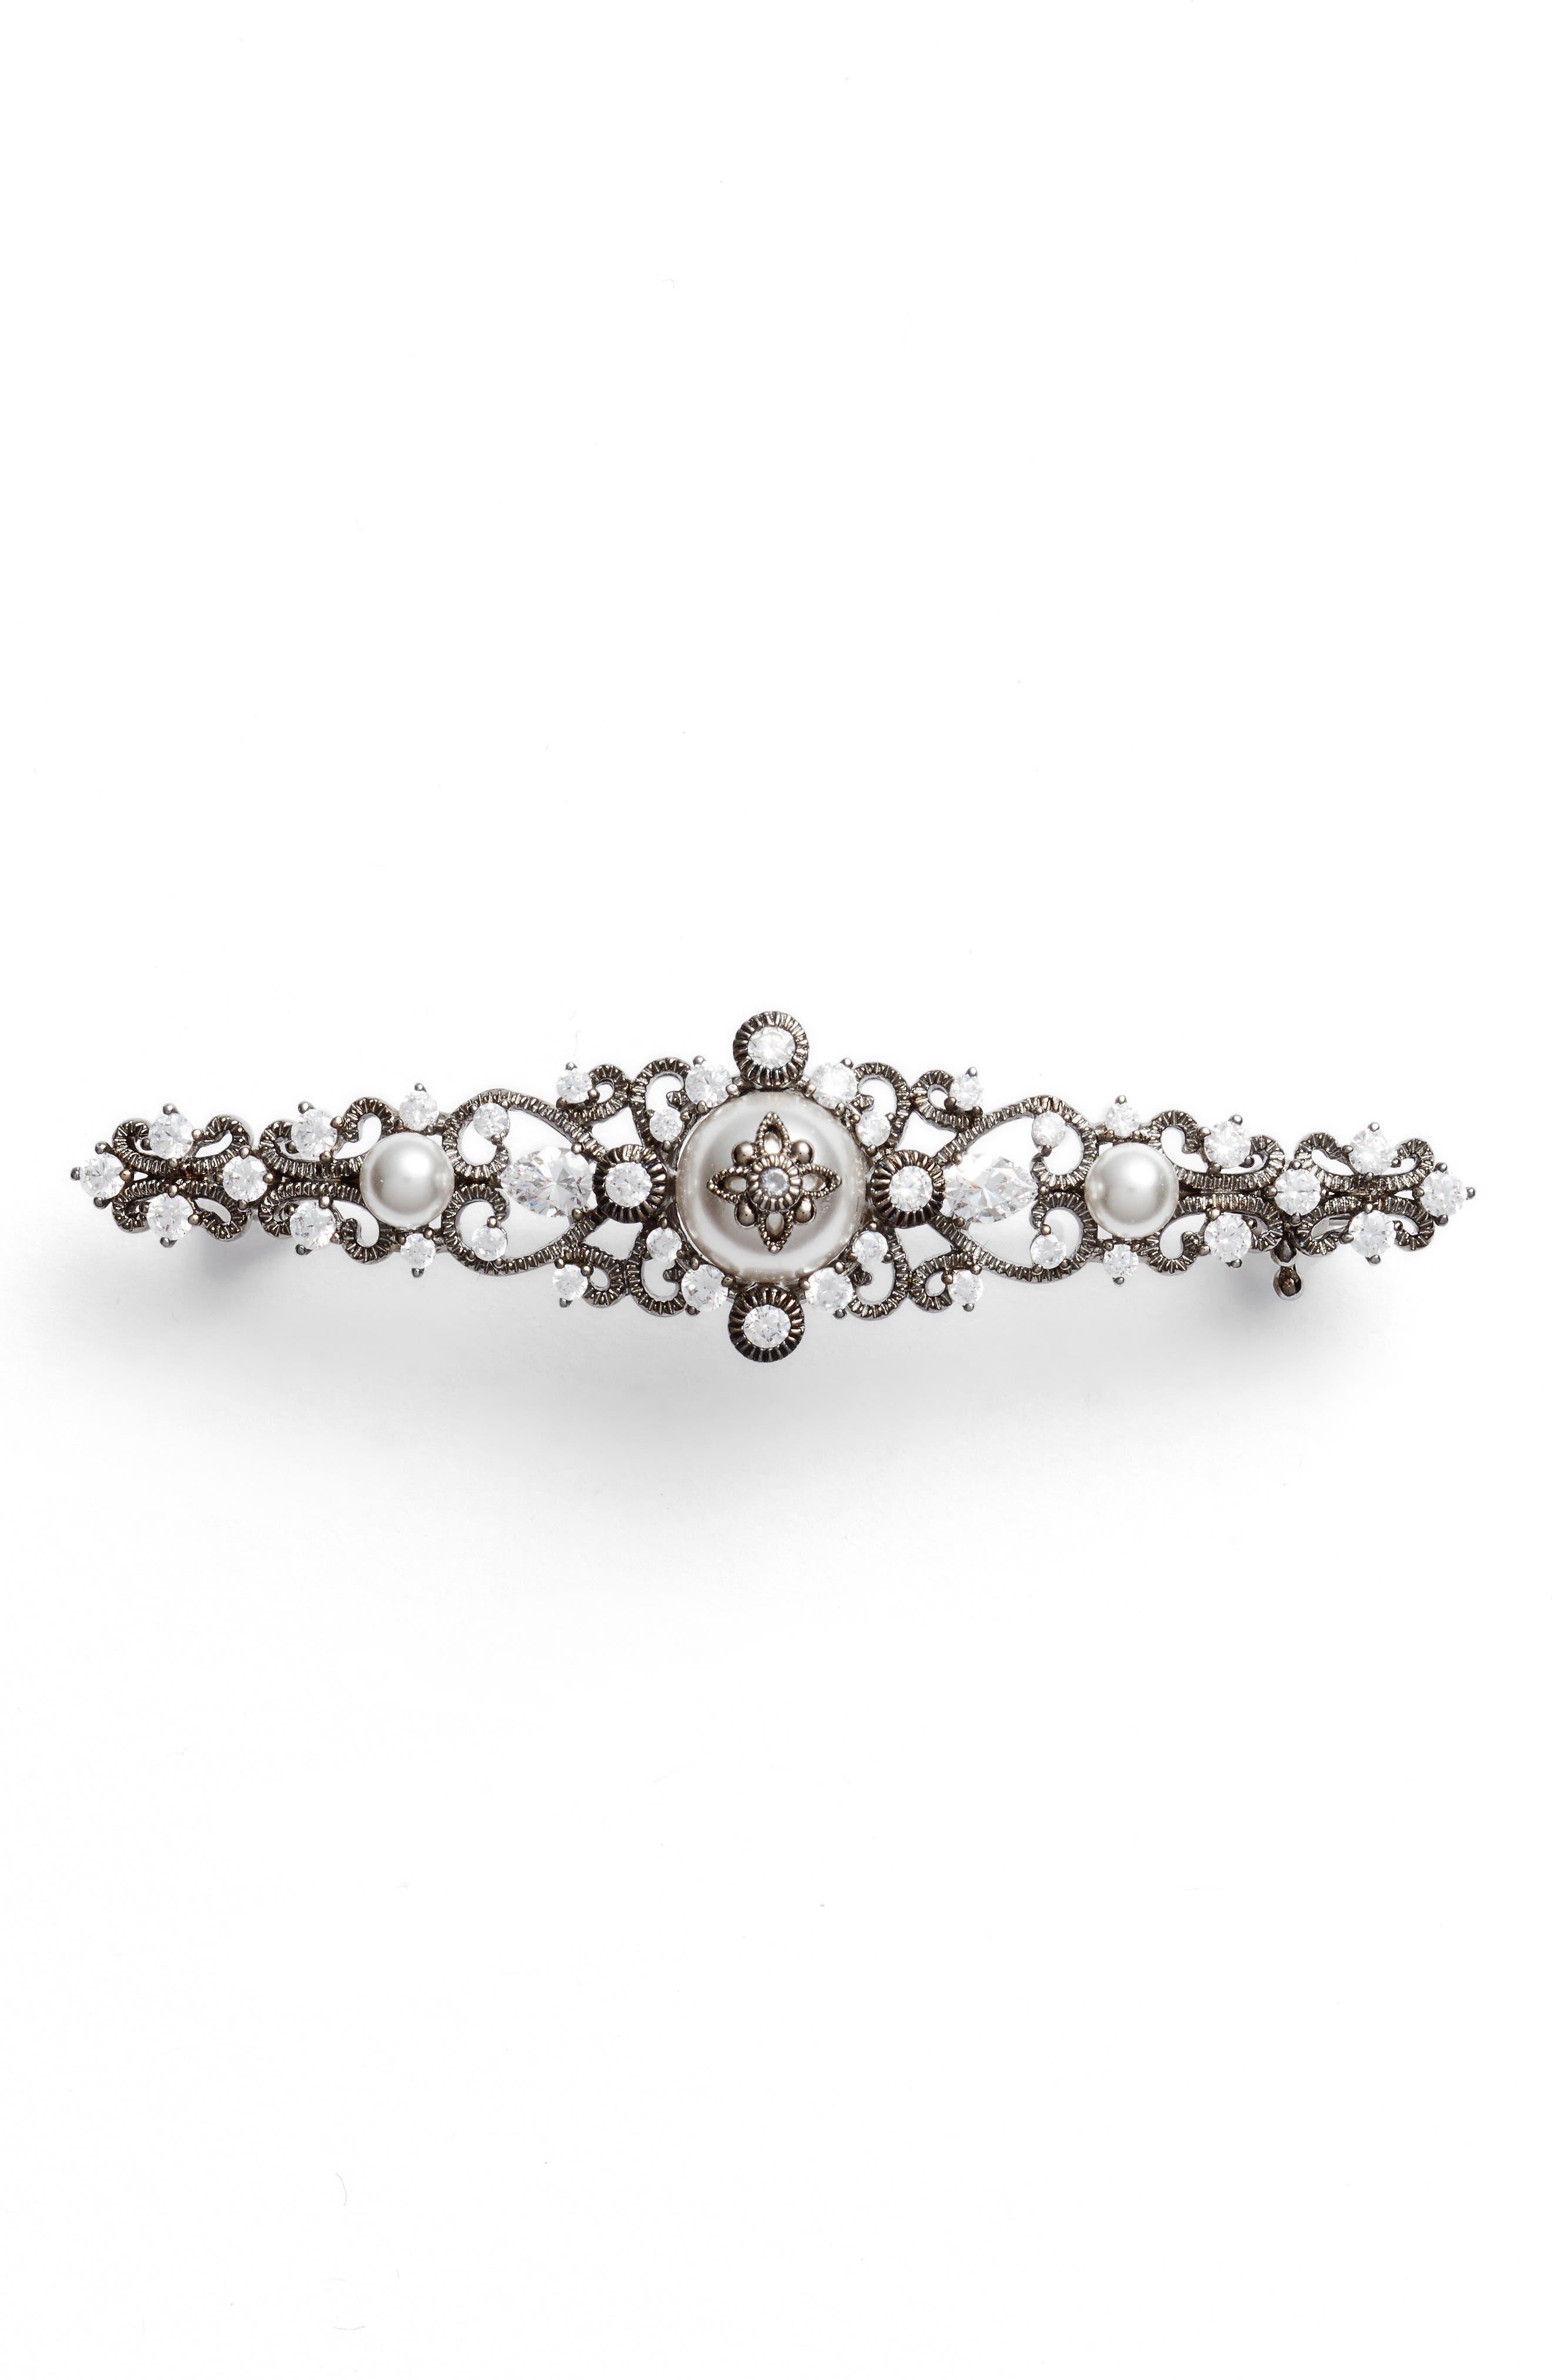 Imitation Pearl & Crystal Pin,                         Main,                         color, 100